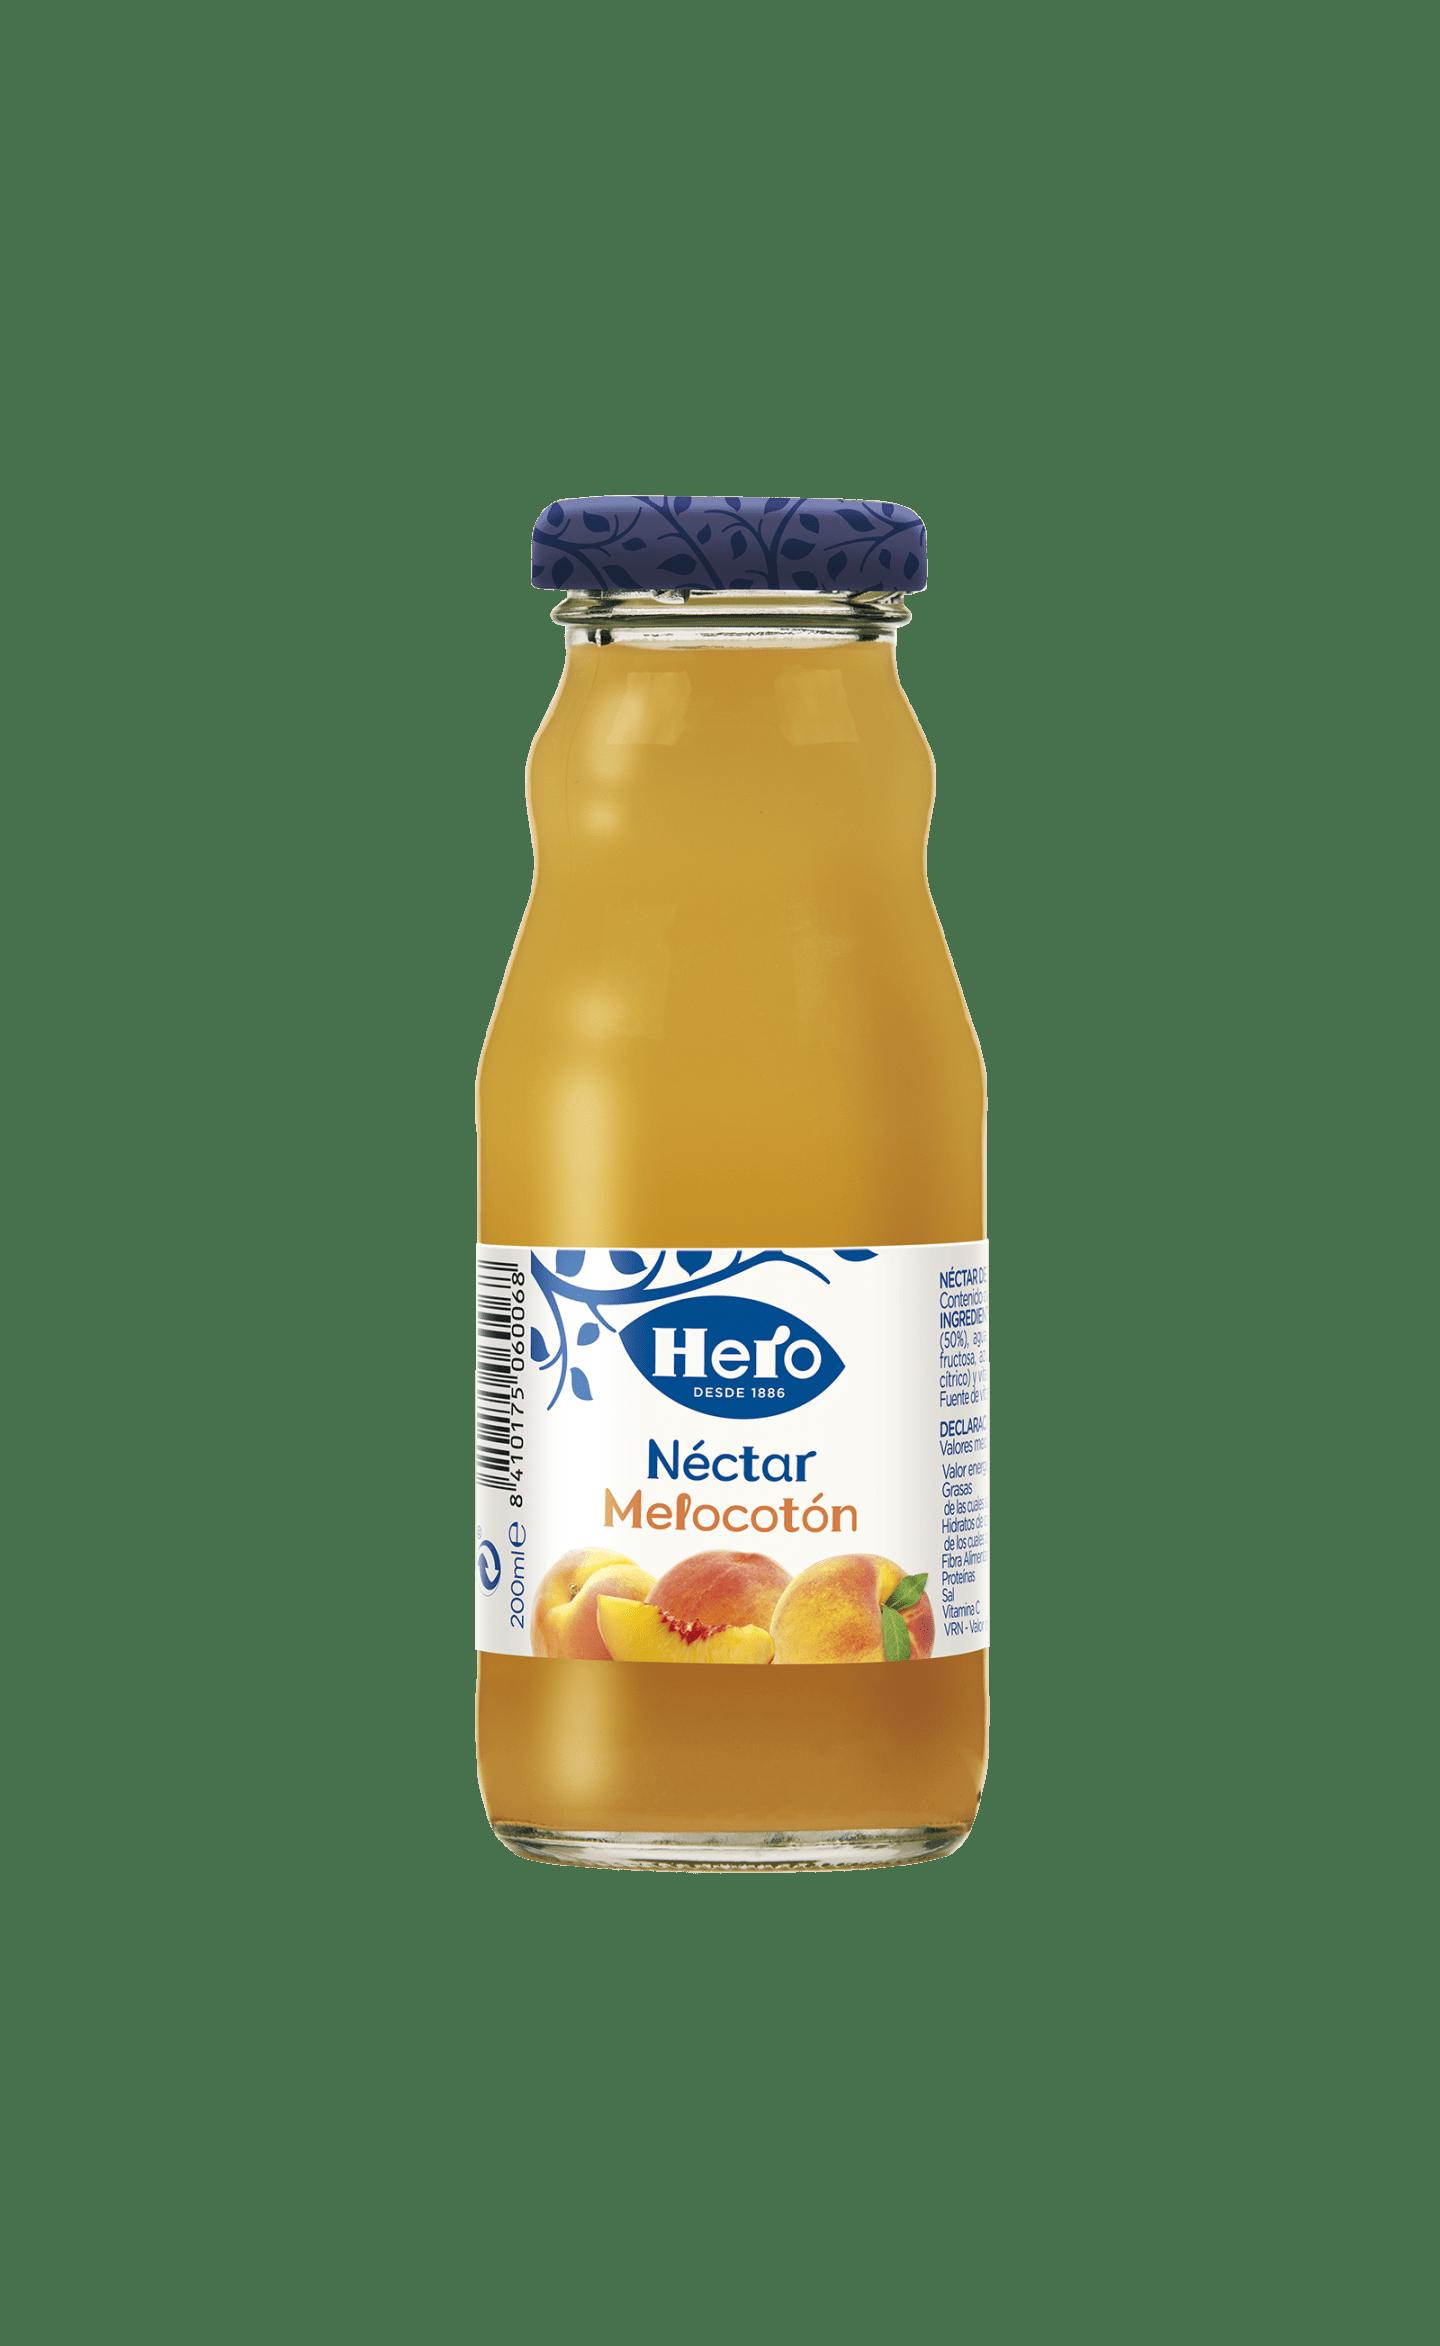 Néctar de melocotón